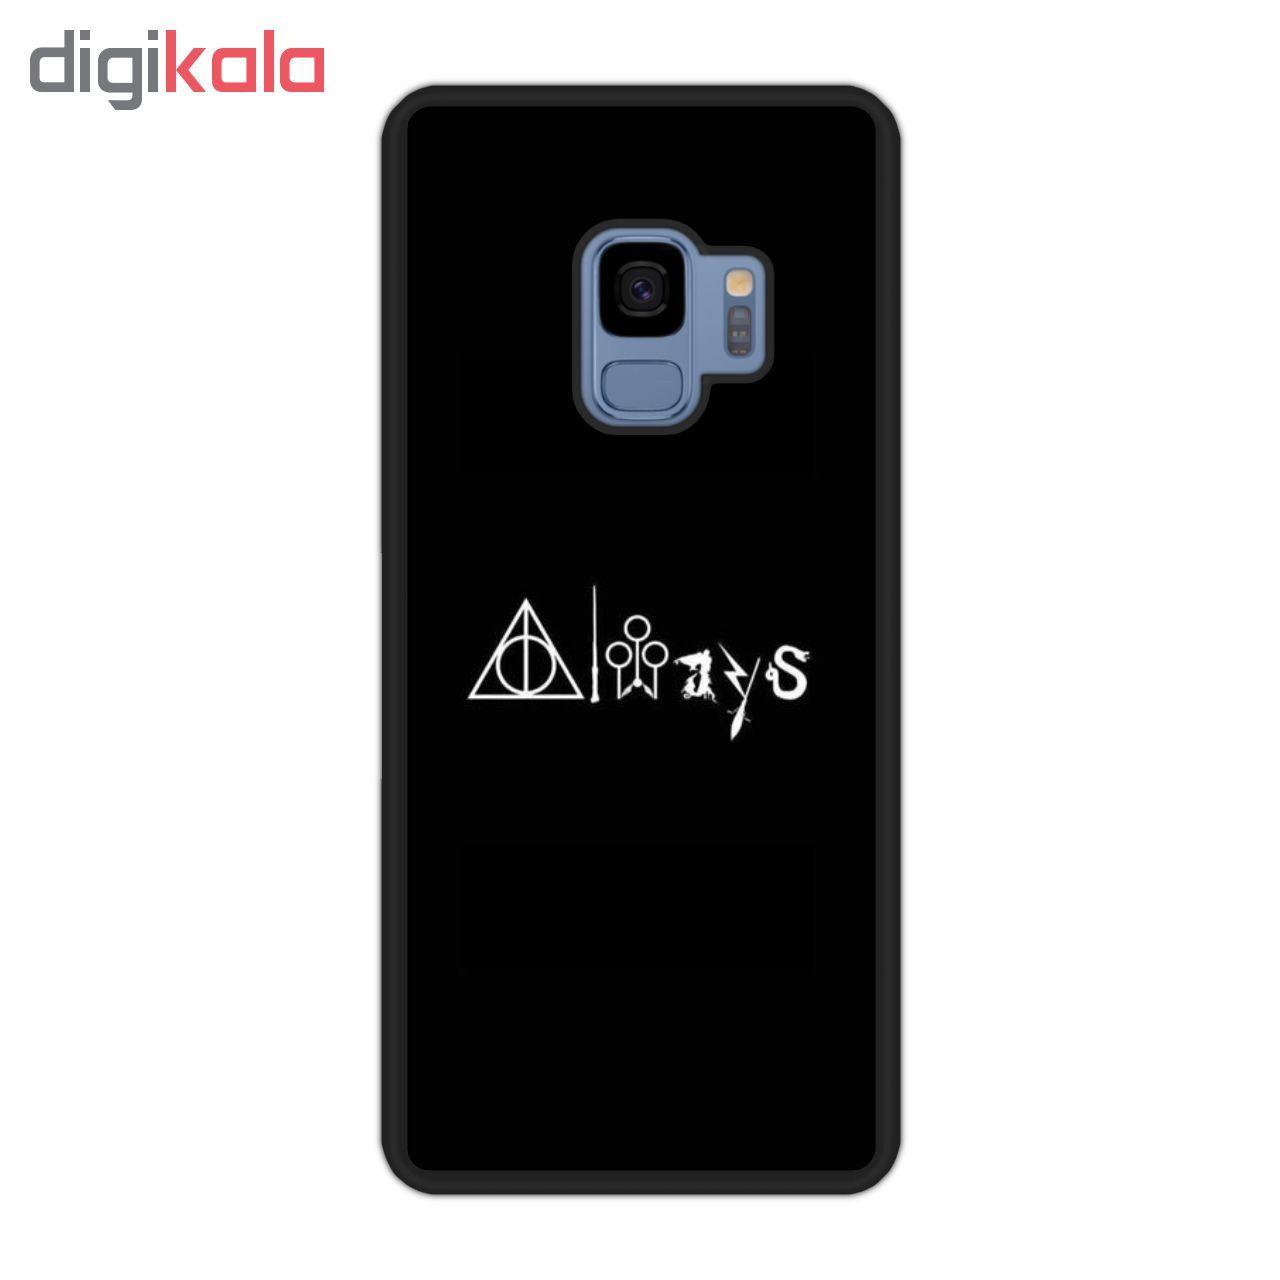 کاور آکام مدل AS91430 مناسب برای گوشی موبایل سامسونگ Galaxy S9 main 1 1